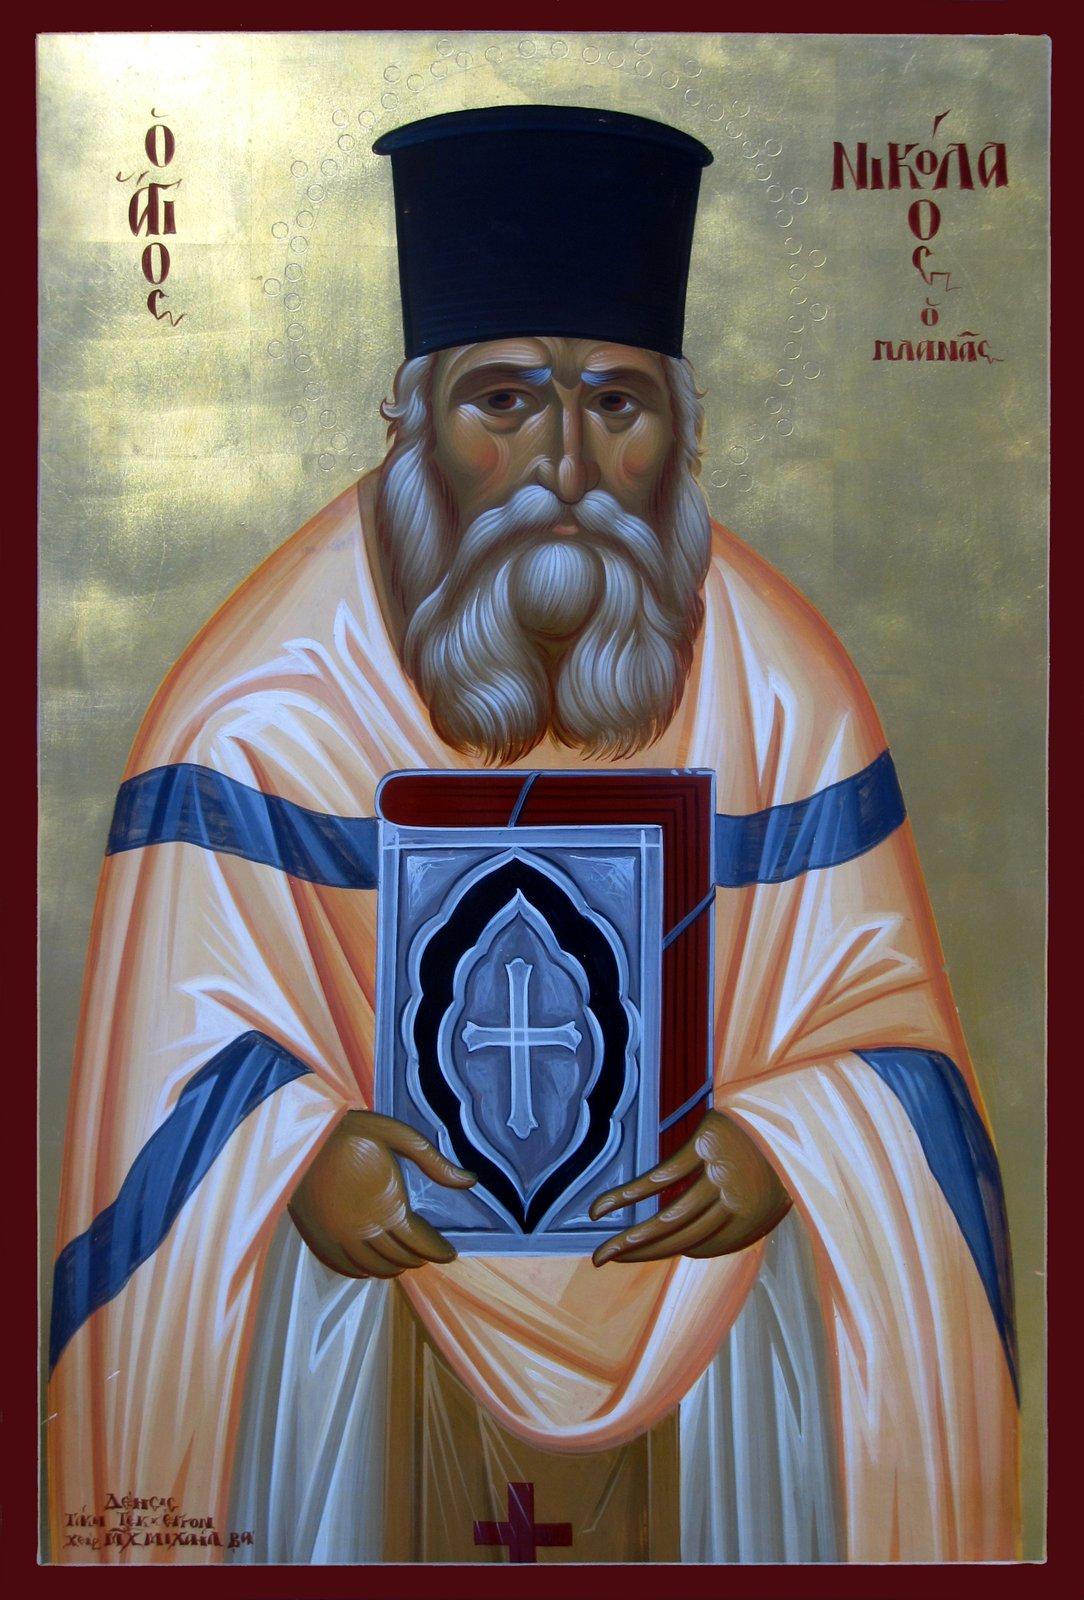 Our Venerable Father Nicholas Planas